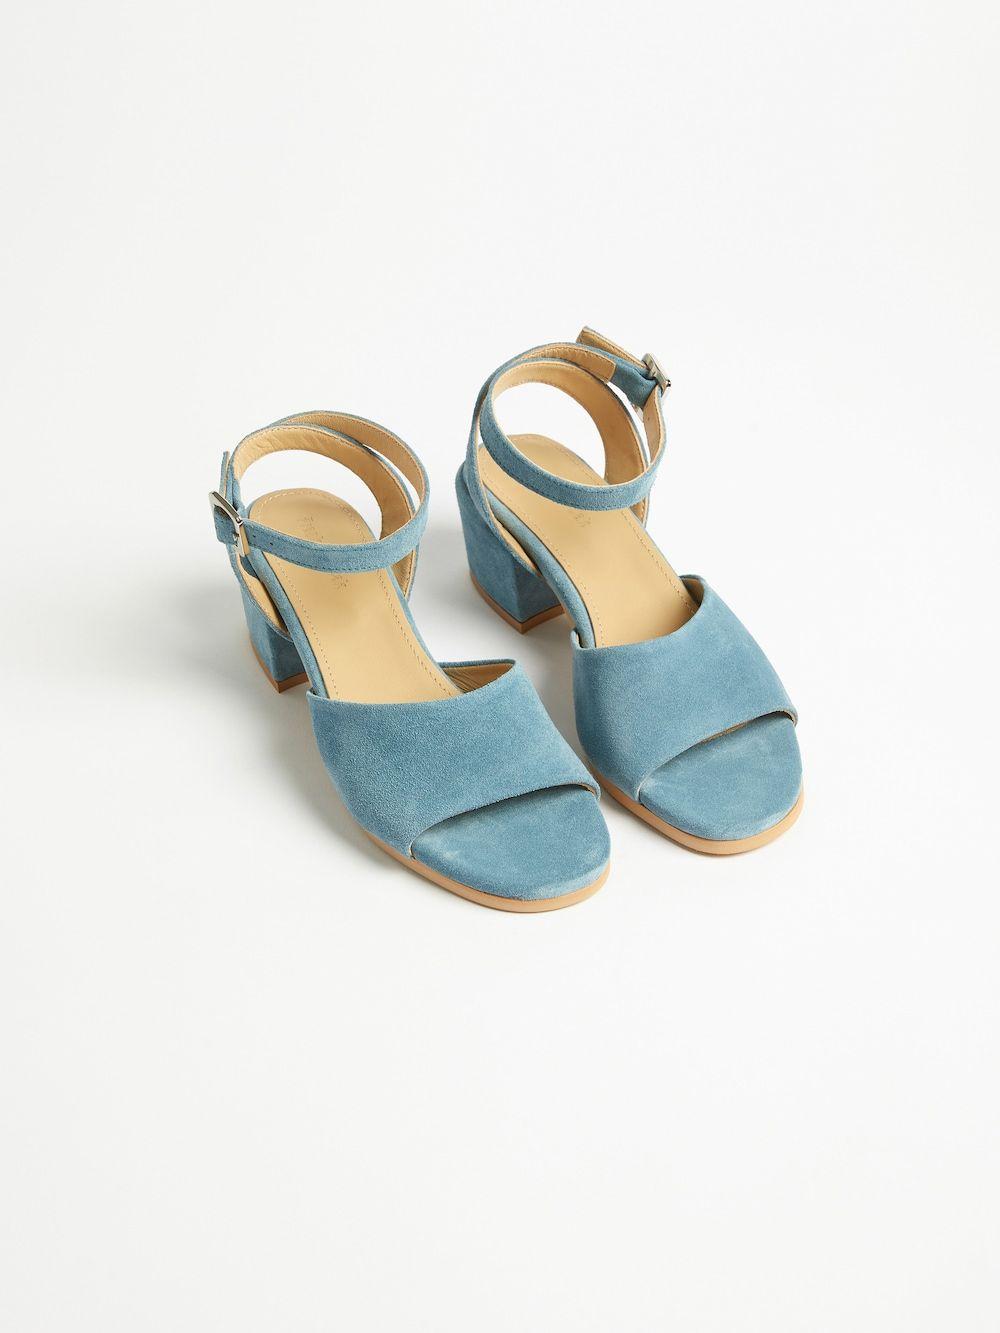 The Medina Heel Sandal in Dark teal | Dark teal, Heels, Teal